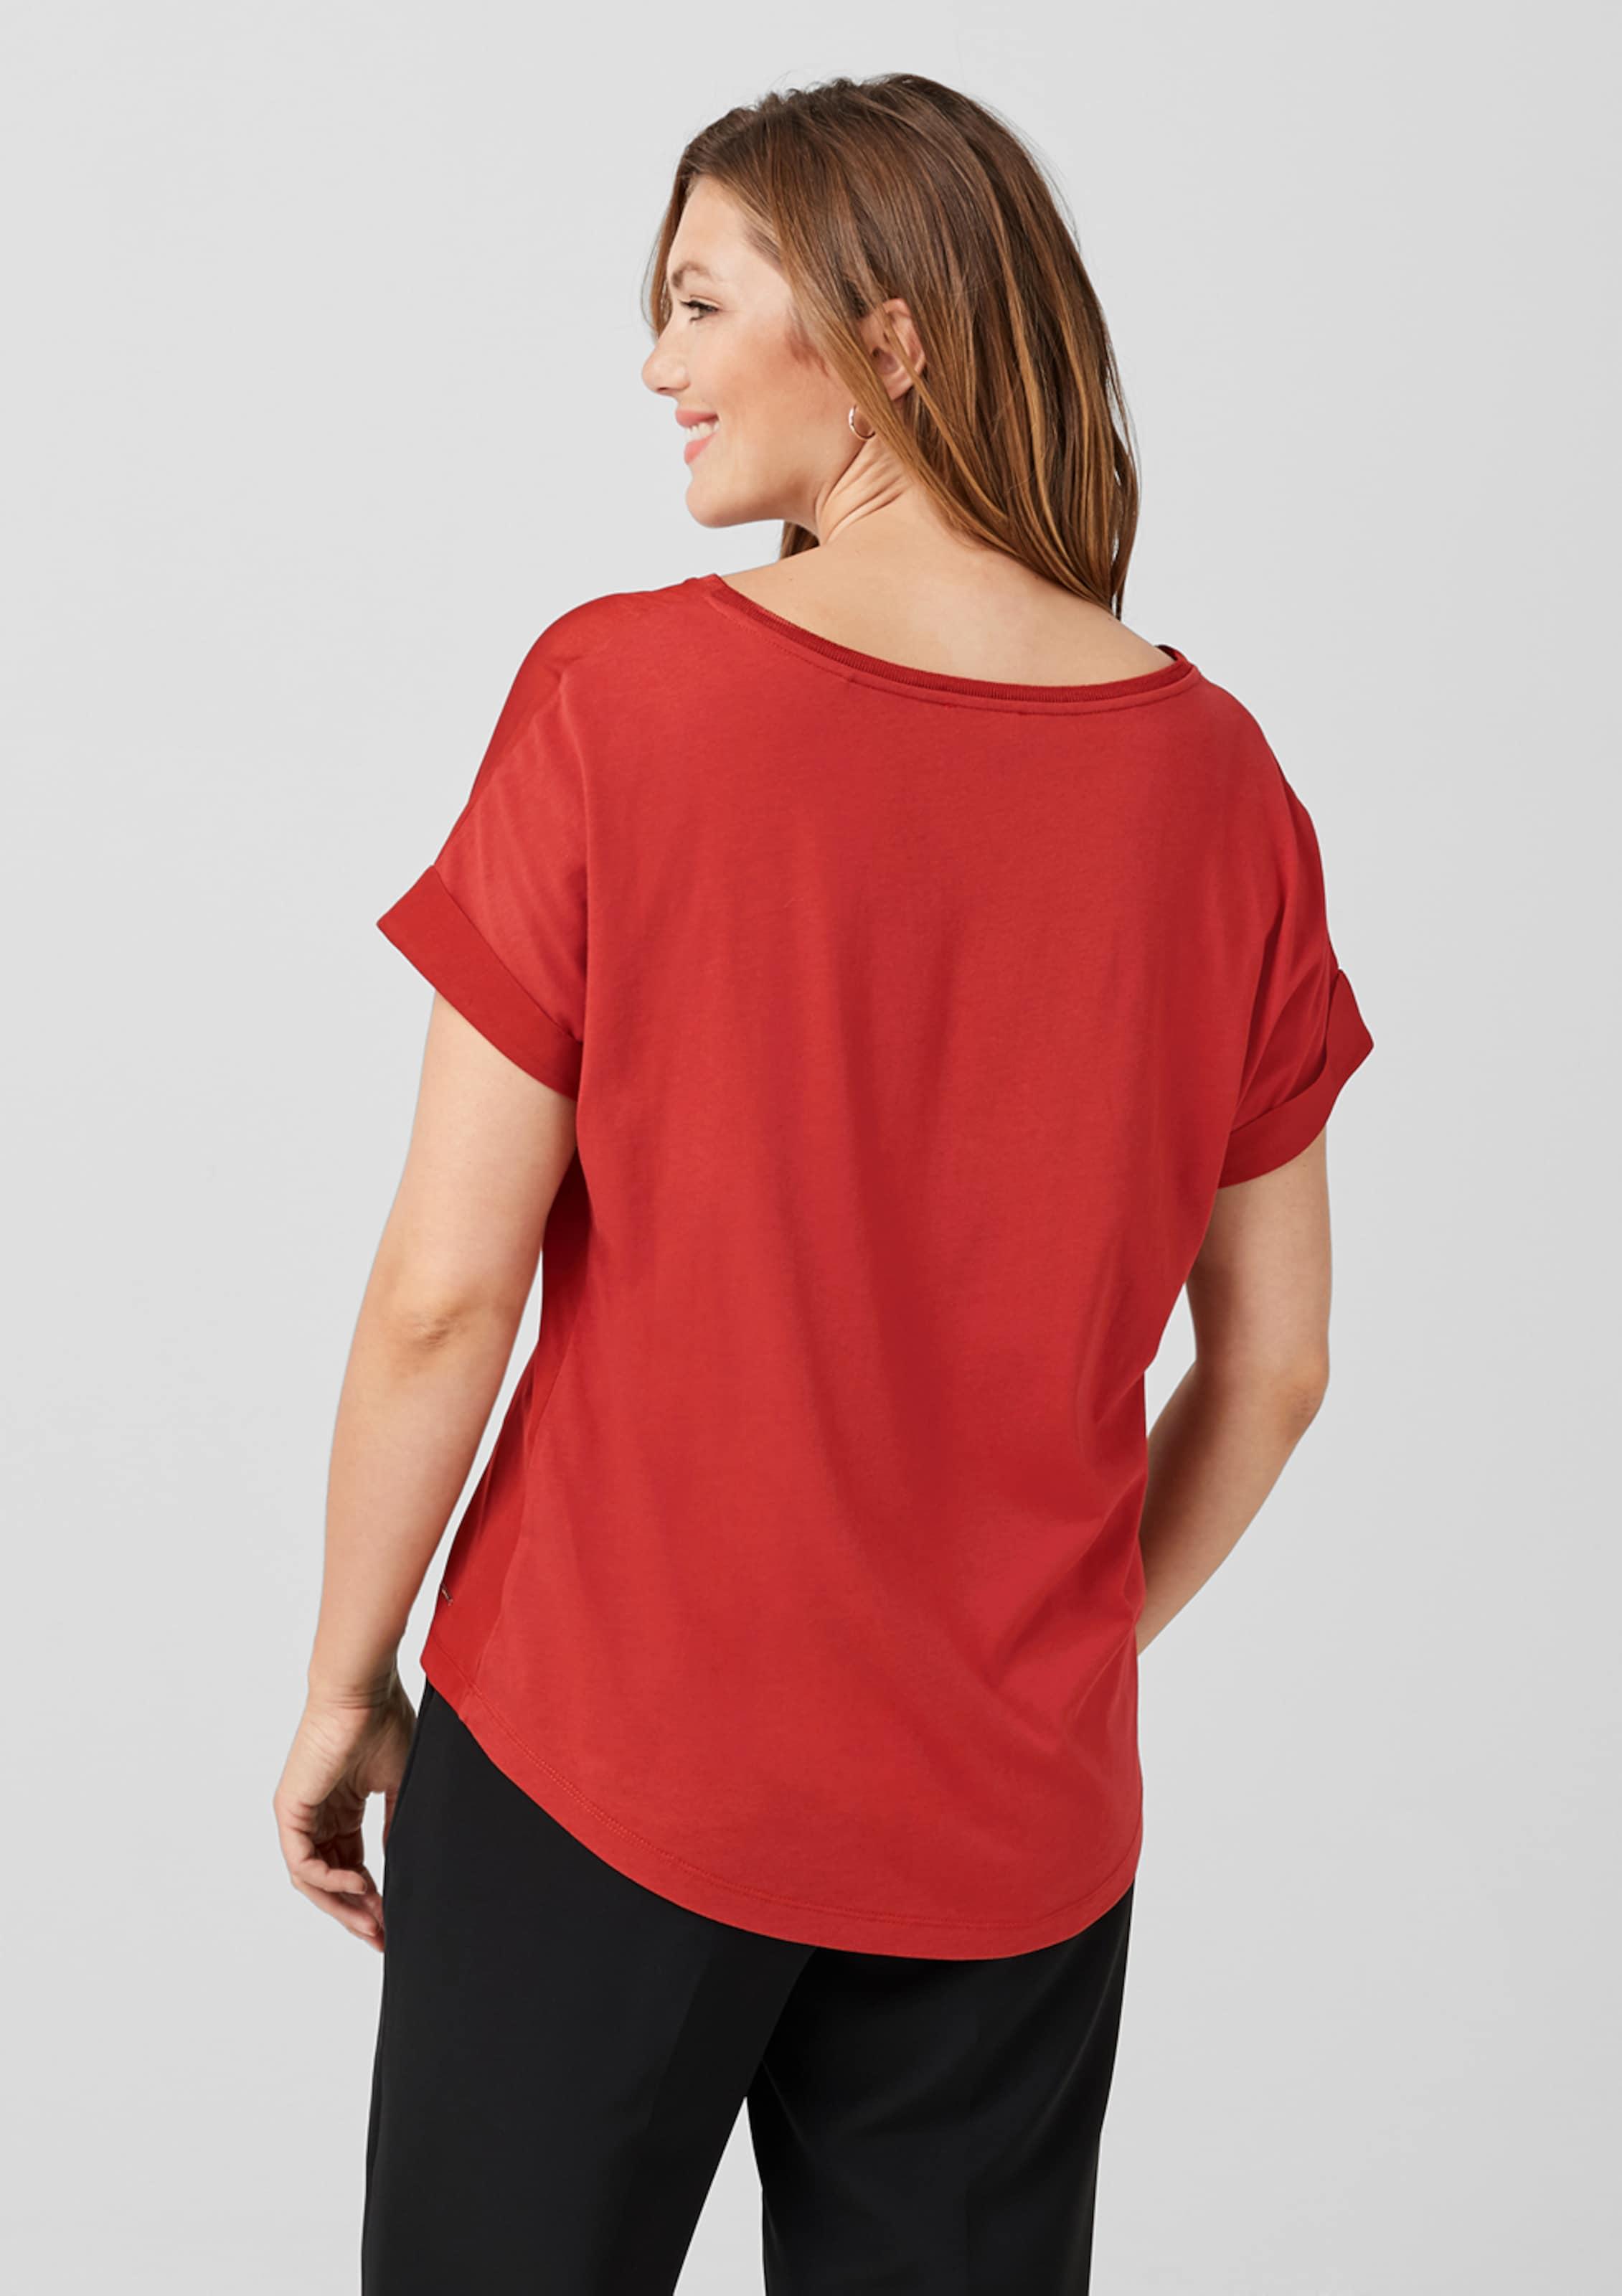 Orangerot T In In Triangle T shirt Orangerot Triangle shirt Triangle shirt T gyf7v6IbY